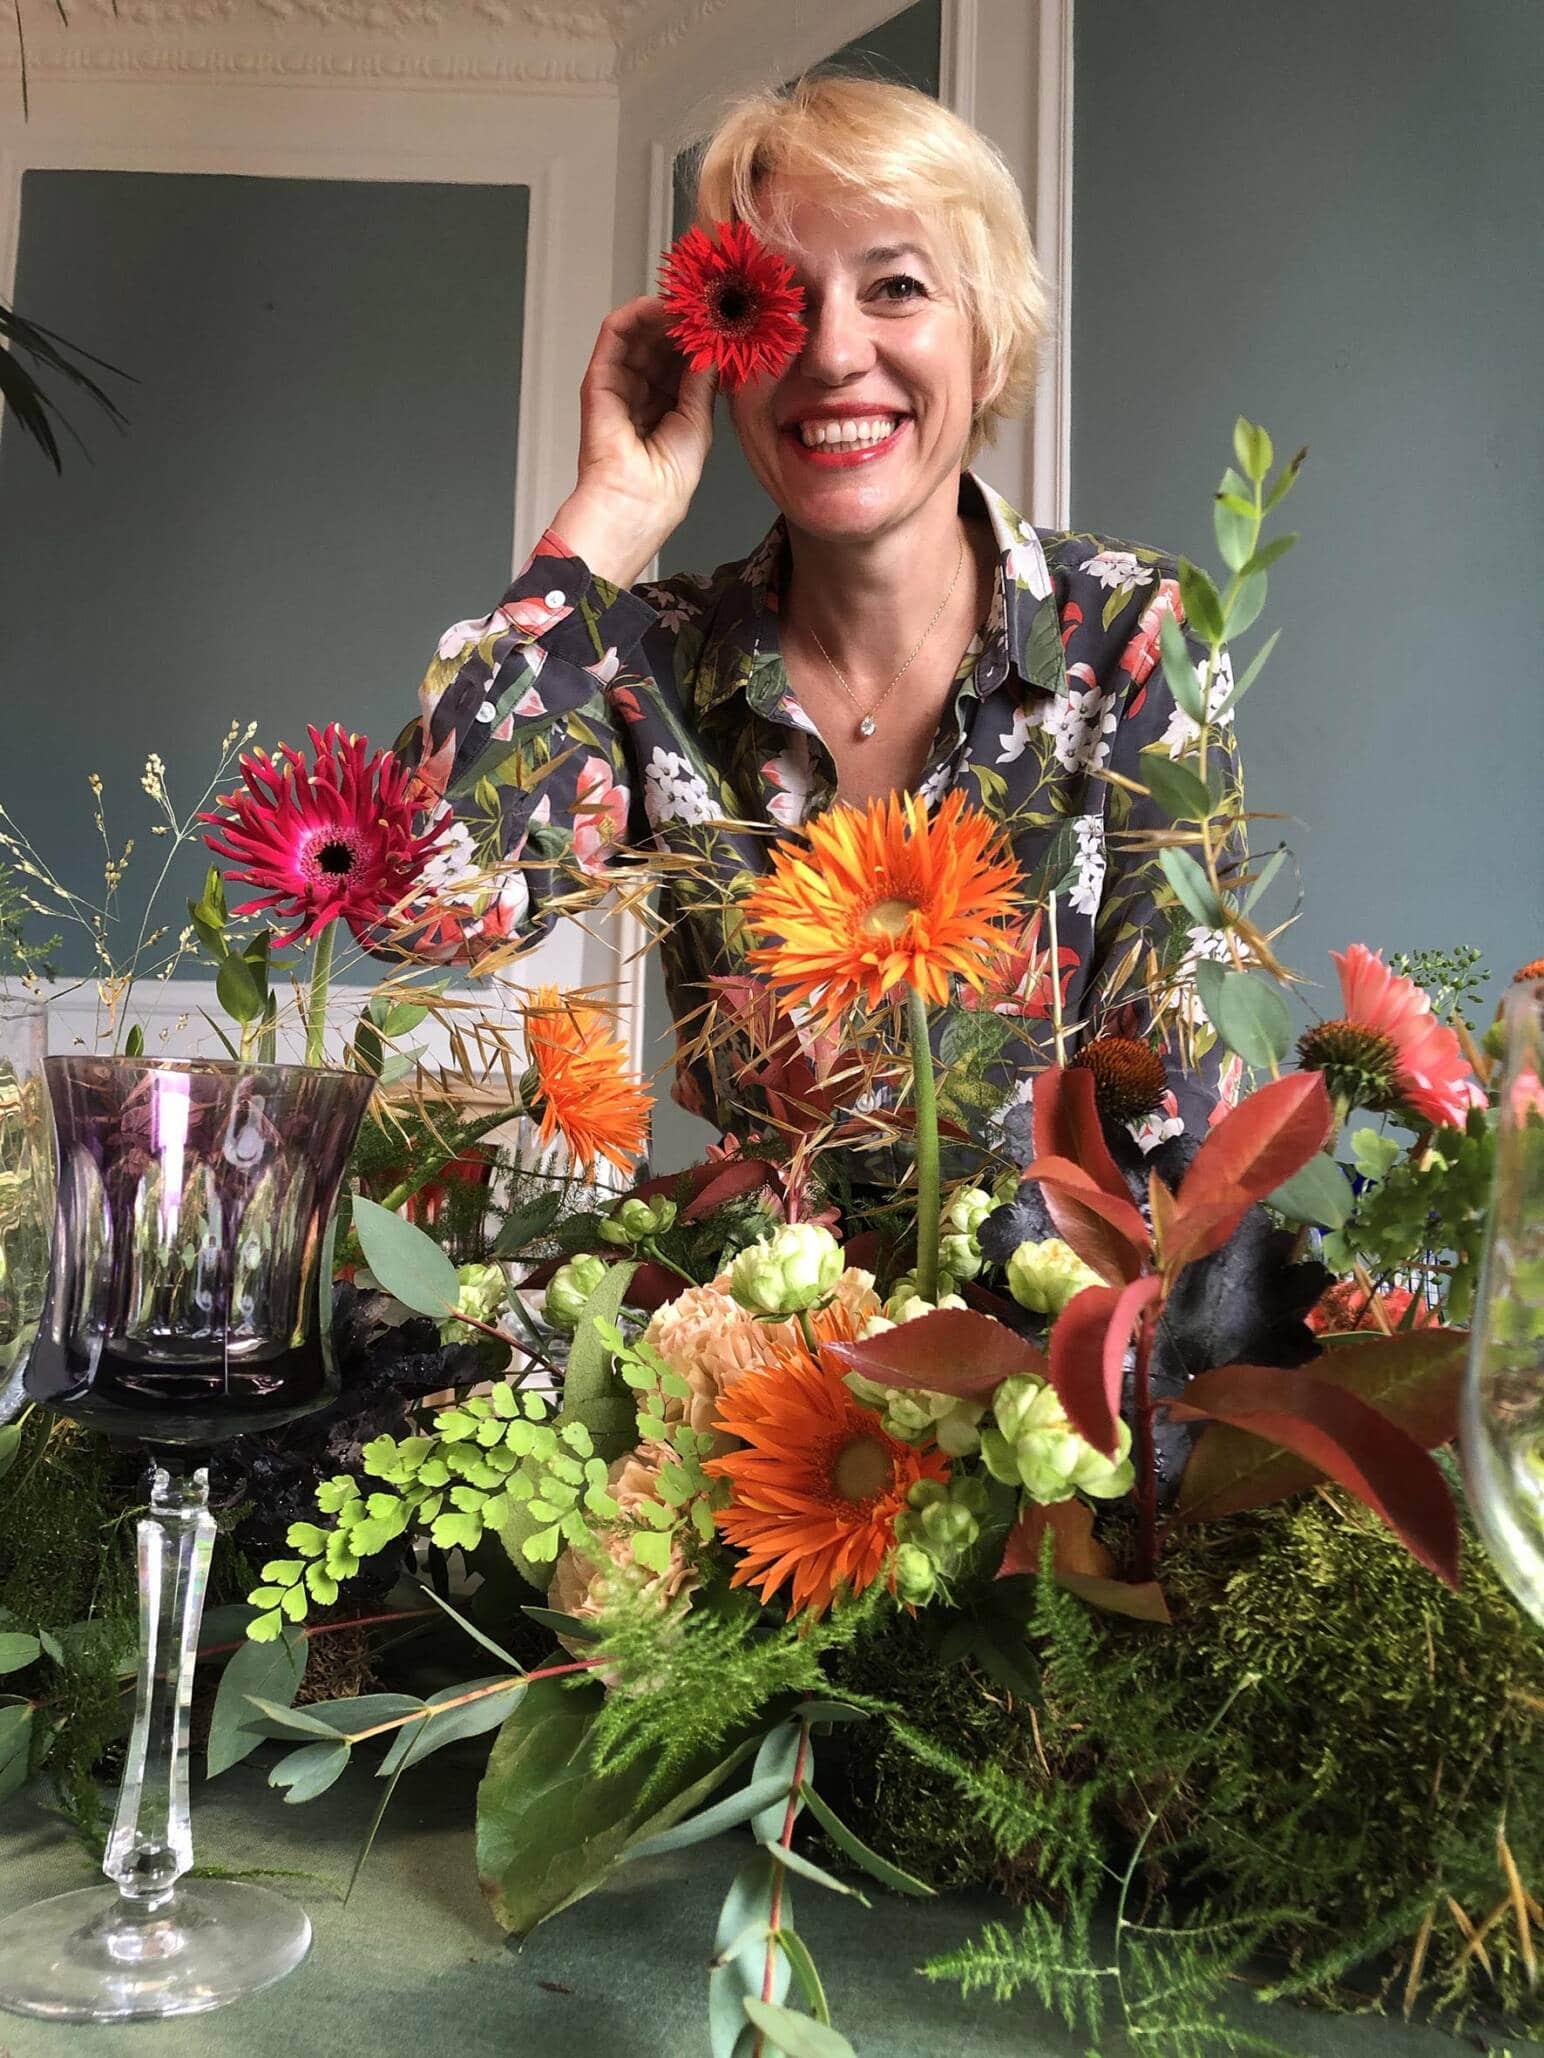 französische Floristin des Monats